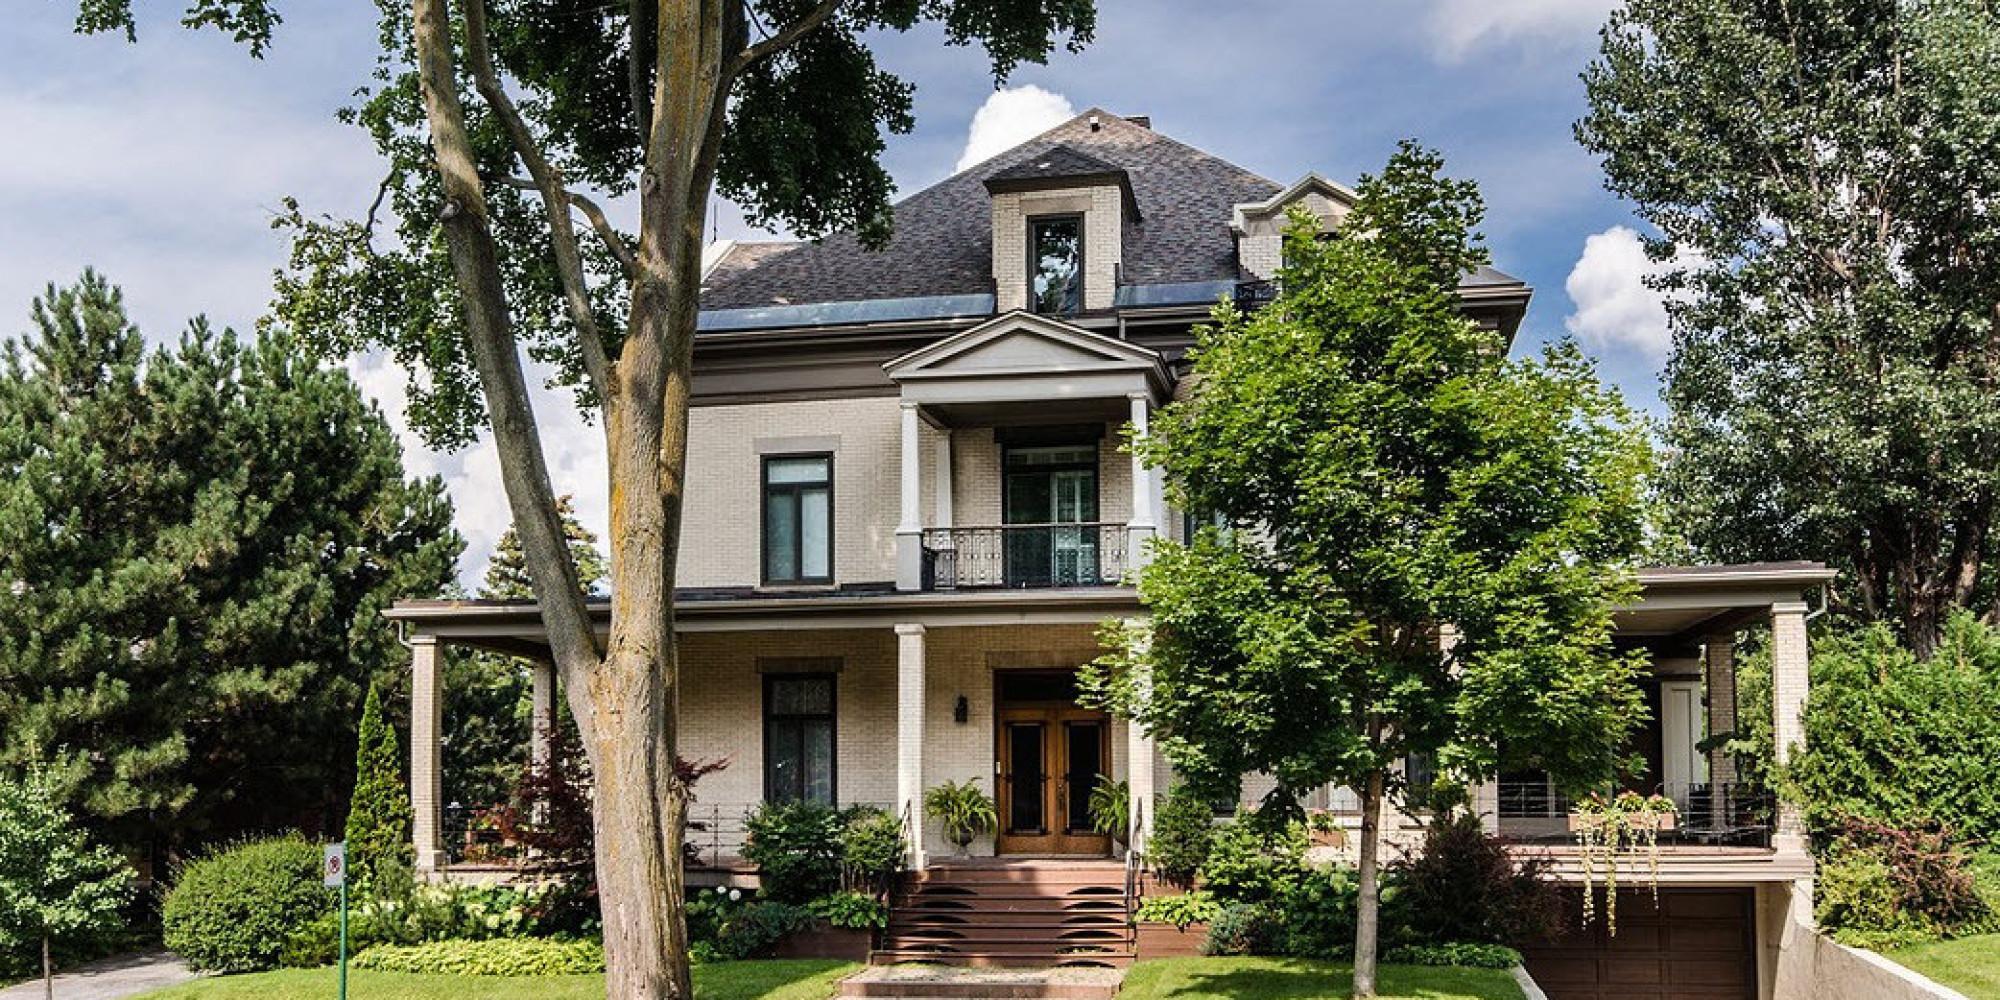 La maison de fran ois legault est en vente pour 4 9m photos - Cadre regle de la maison ...